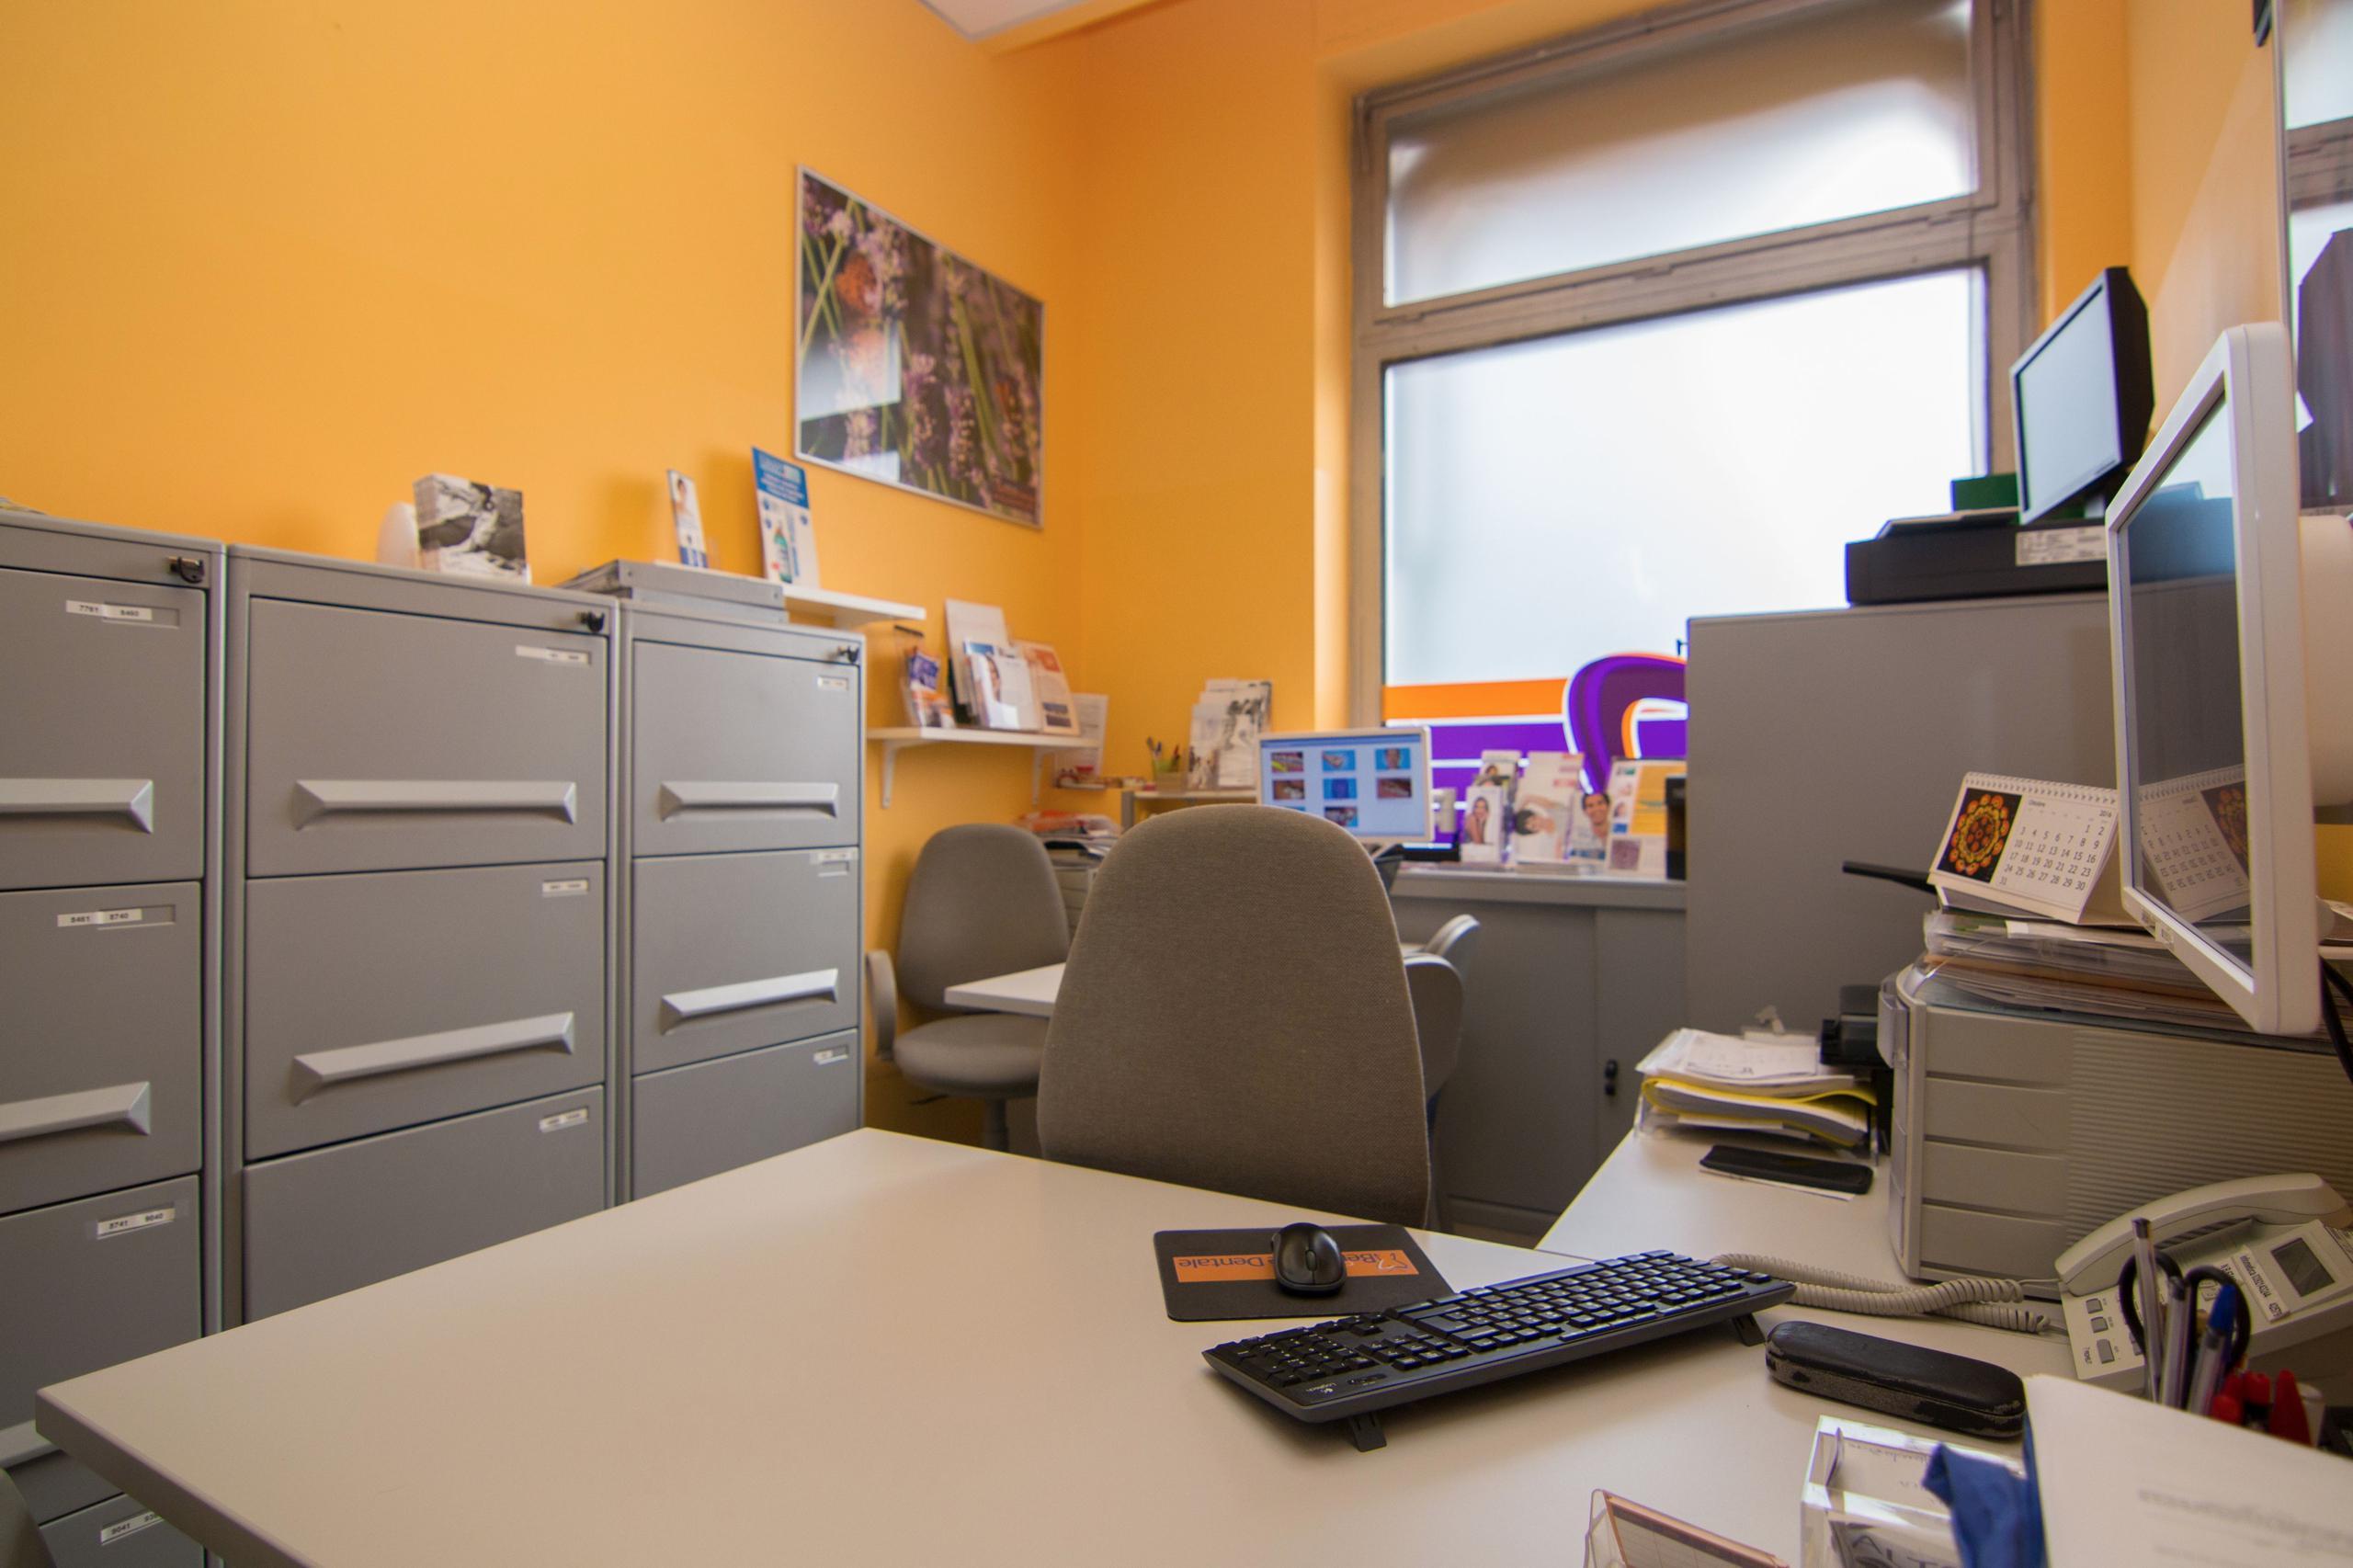 foto ufficio togiere portaocchiali